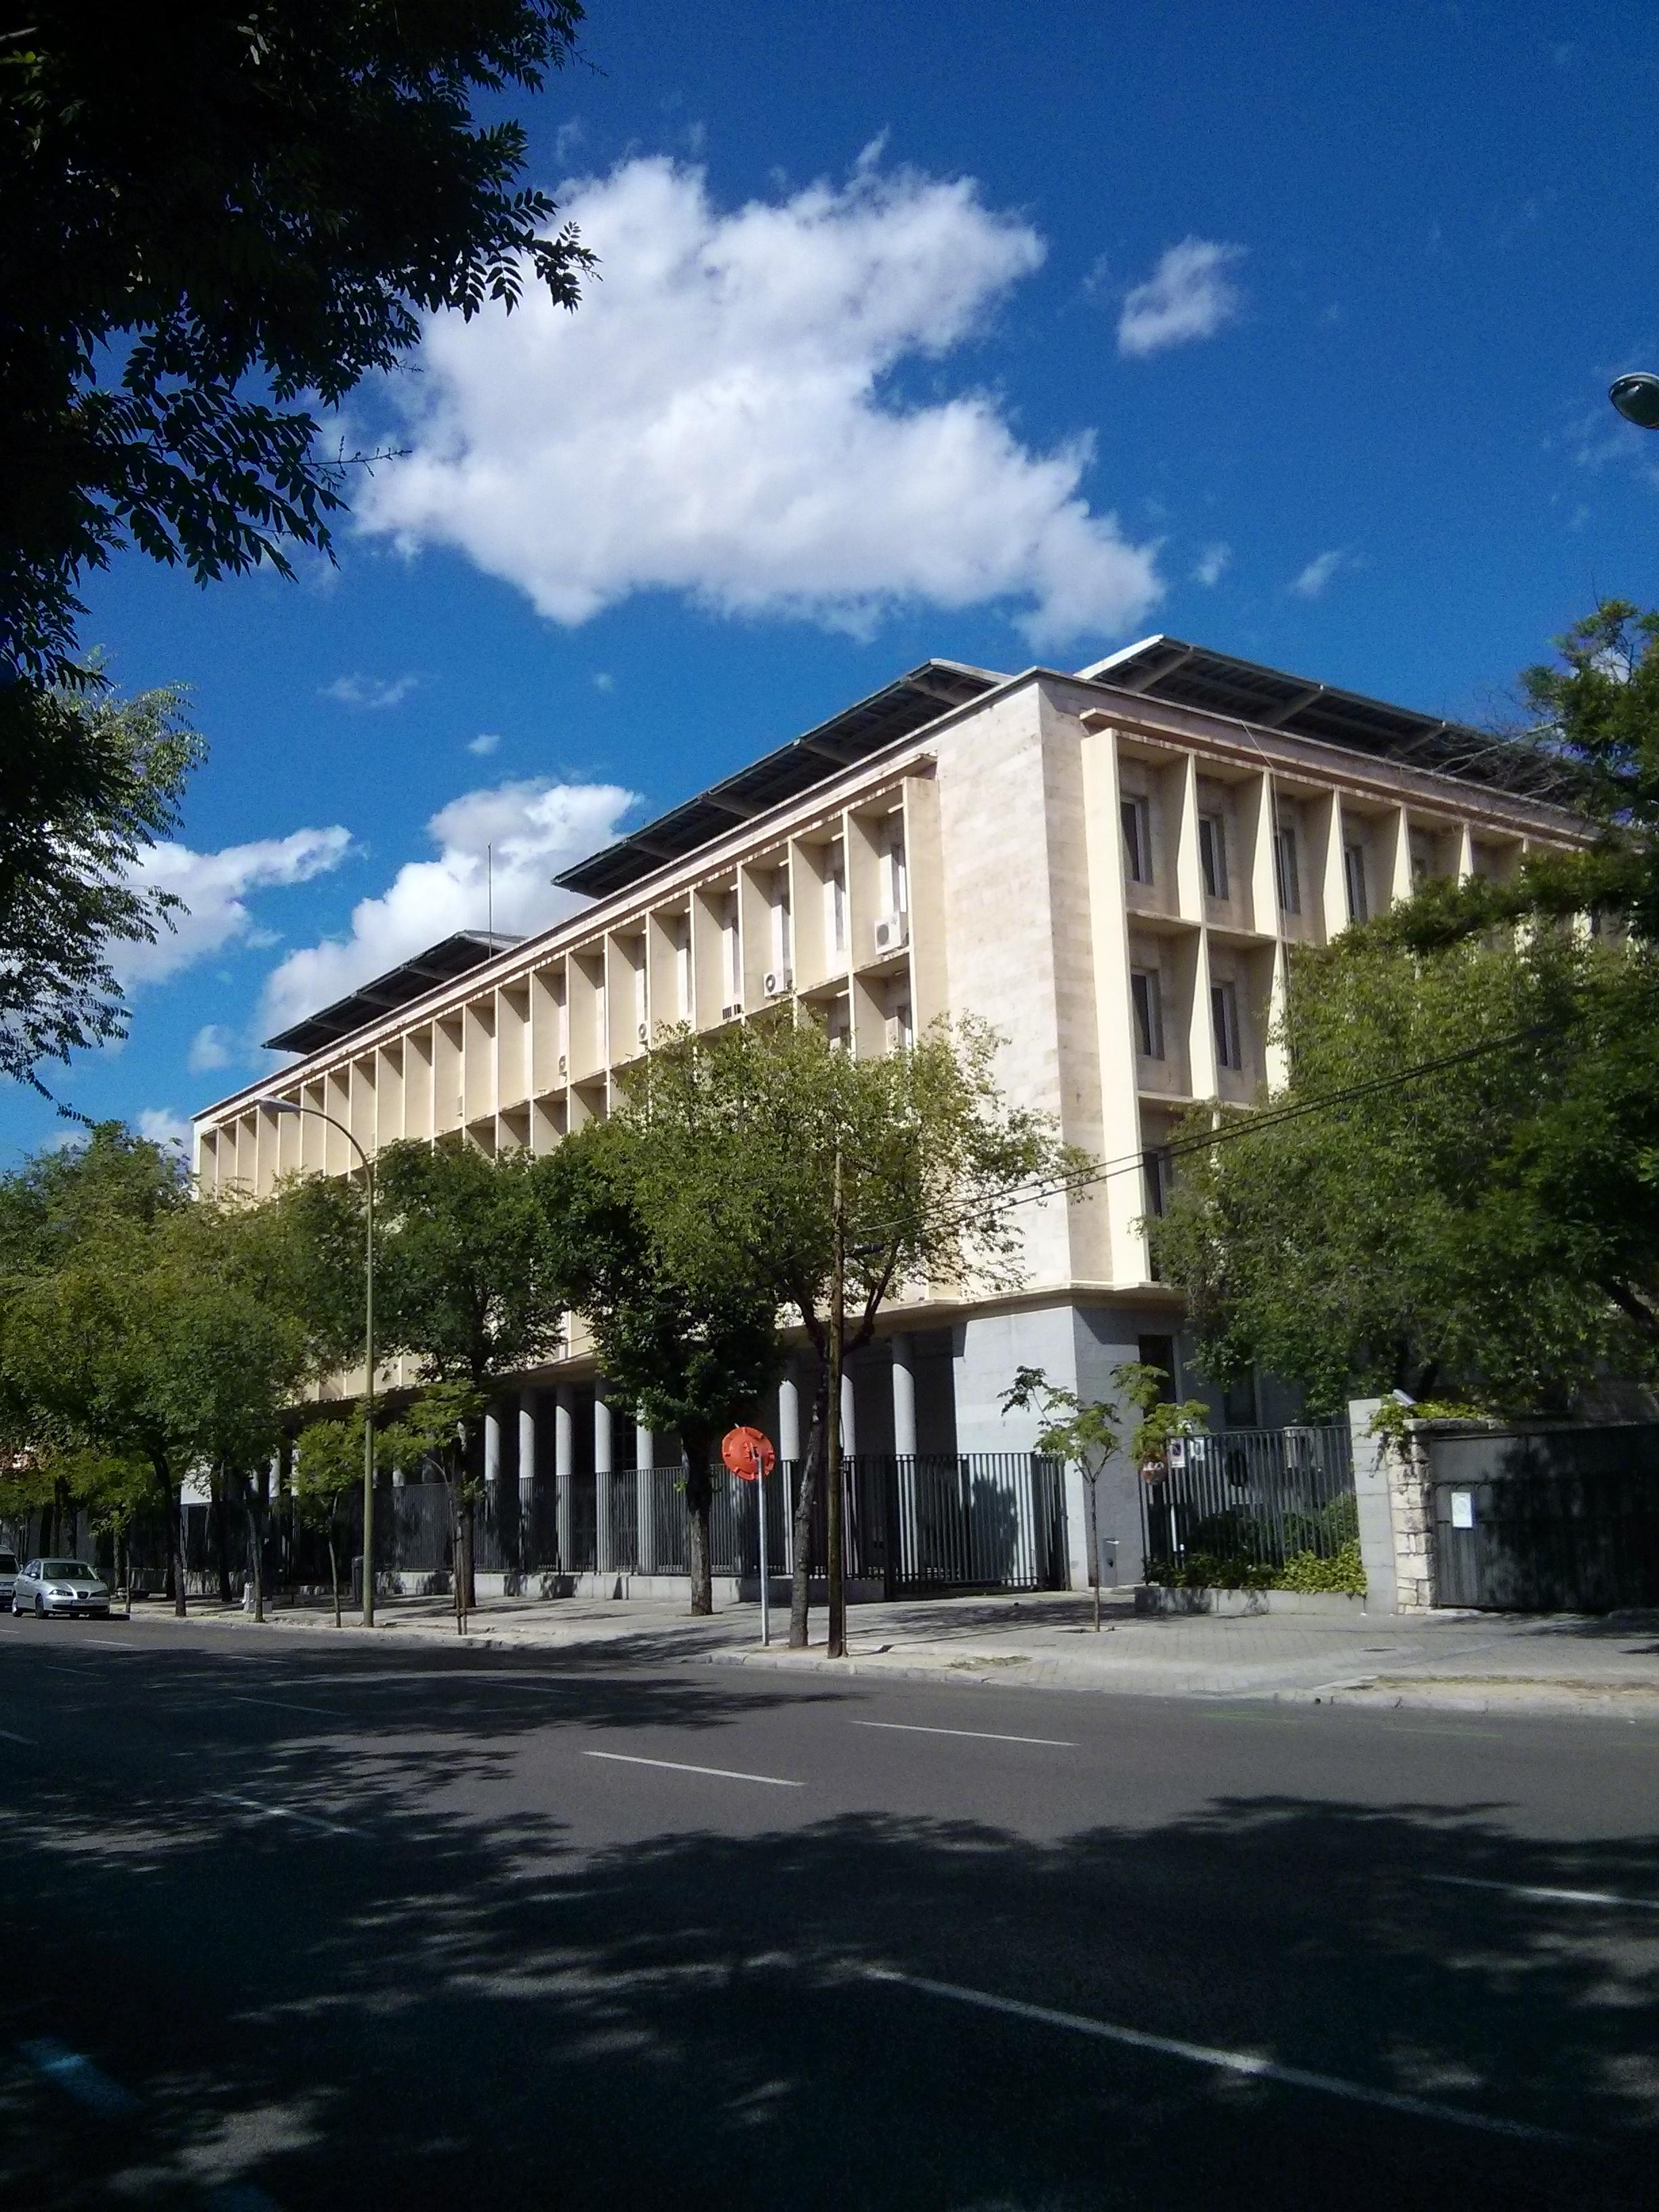 Archivo calle serrano 150 wikipedia la - Calle serrano 55 madrid ...